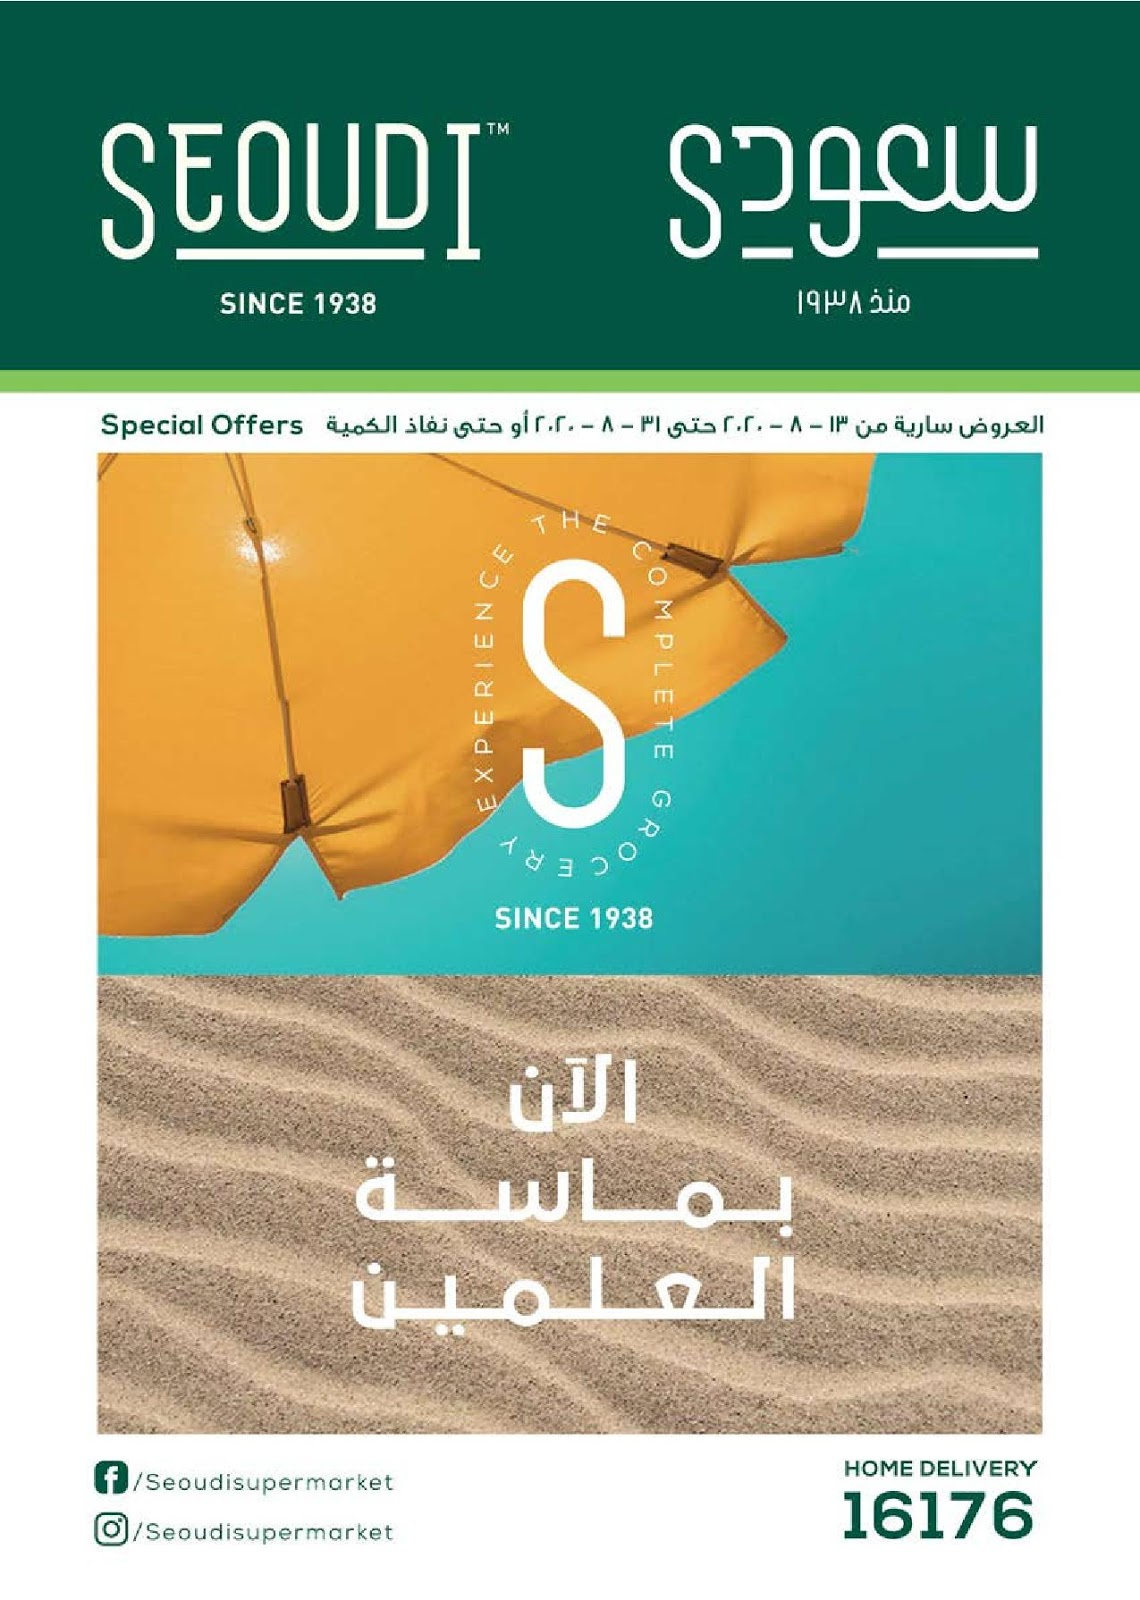 عروض سعودى ماركت من 13 اغسطس حتى 31 اغسطس 2020 عروض خاصة